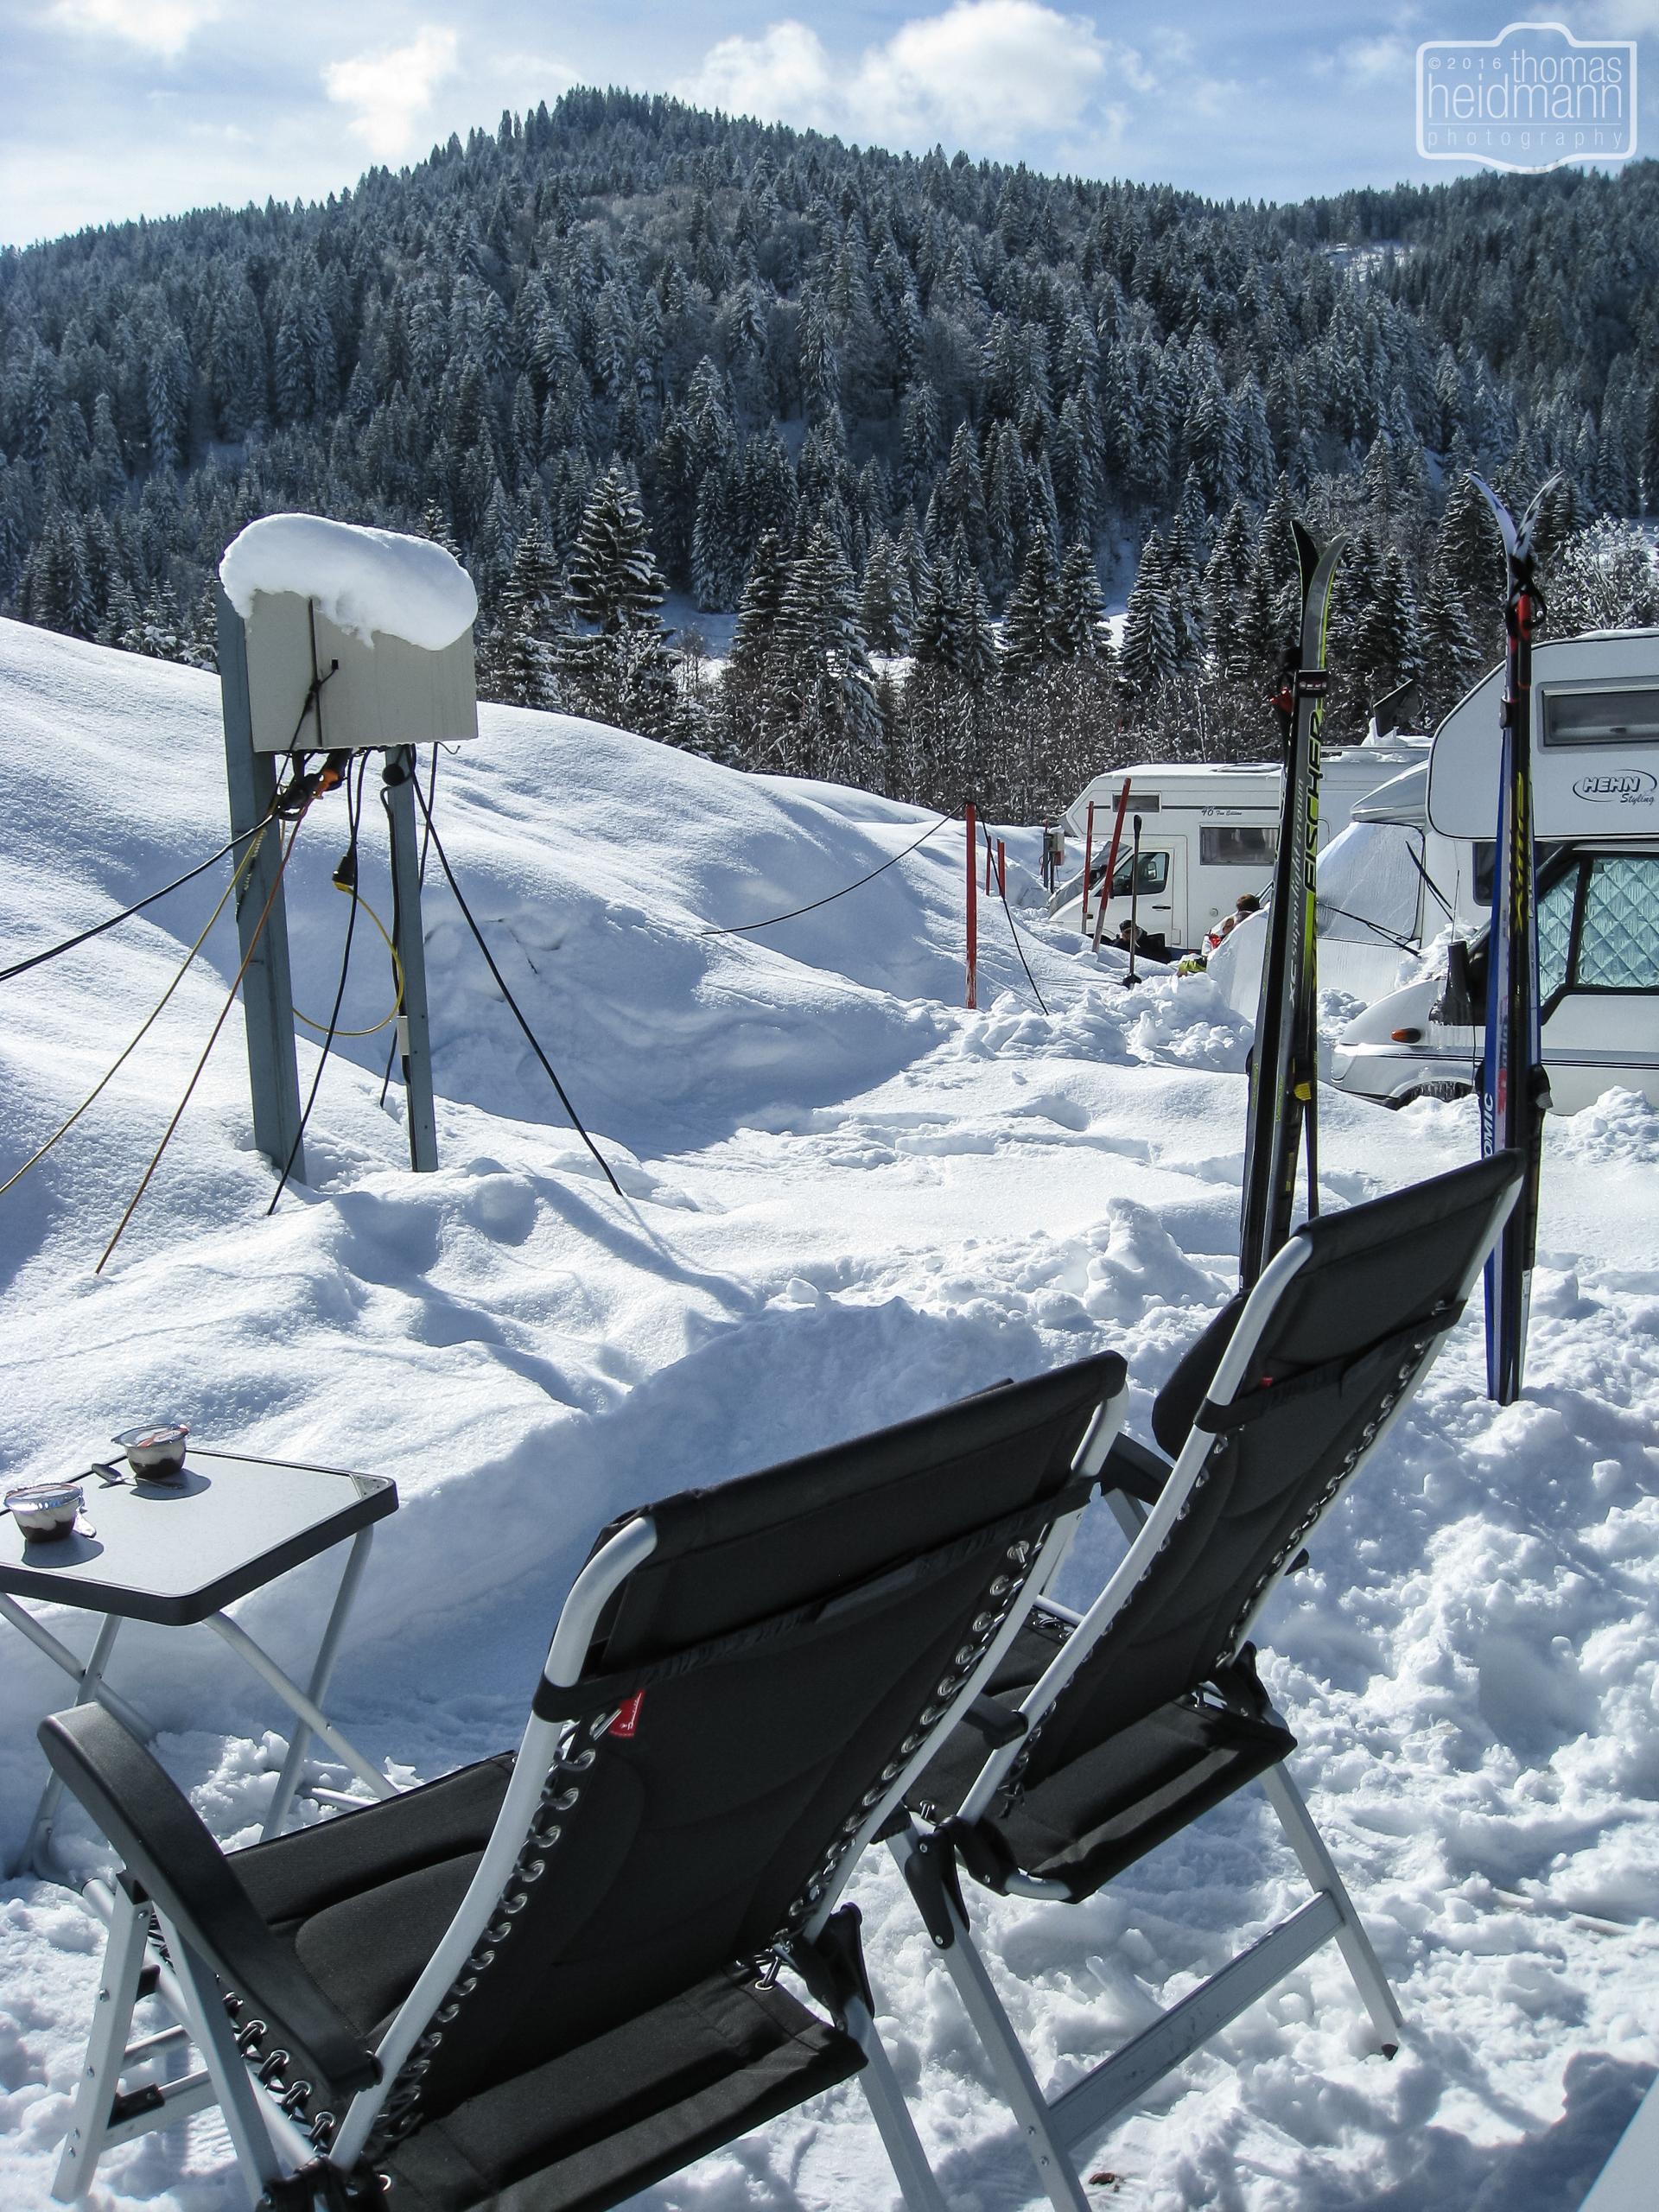 Sonnenanbeter lieben den Schnee